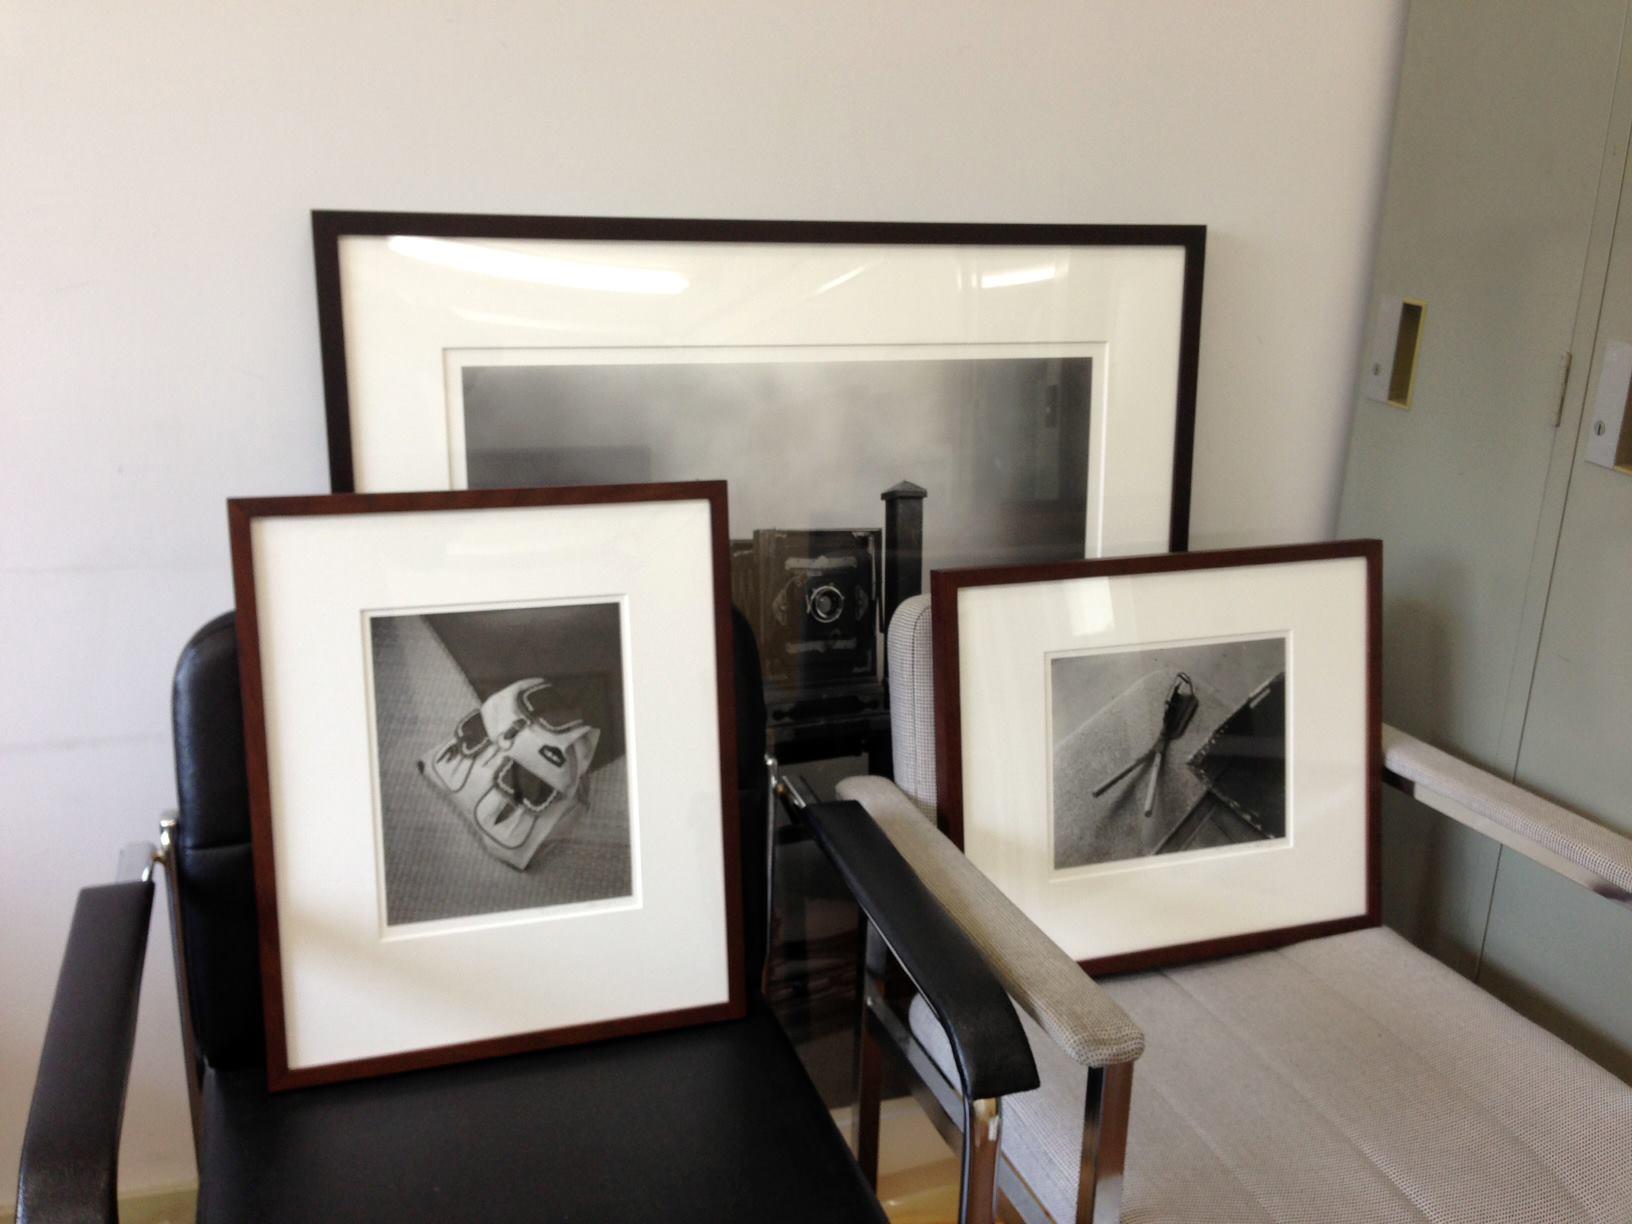 林 直先生のモノクロフィルム写真教室作品展